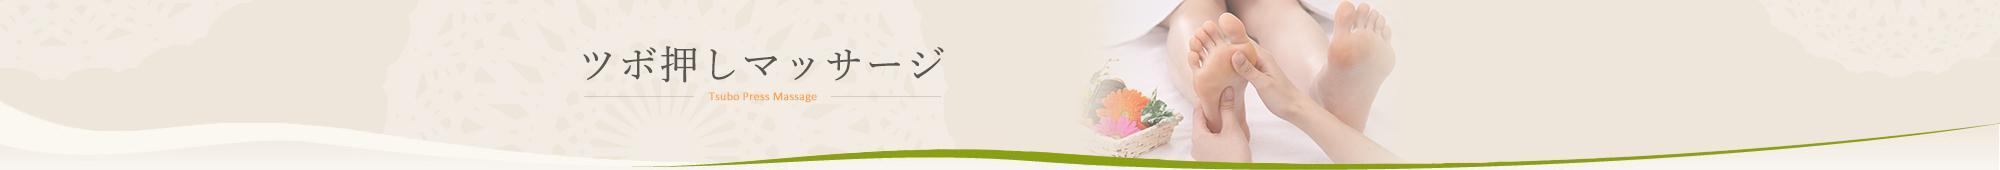 ツボ押しマッサージ関連のブログ一覧|楽庵(らくあん)は出張専門のマッサージサロンです。